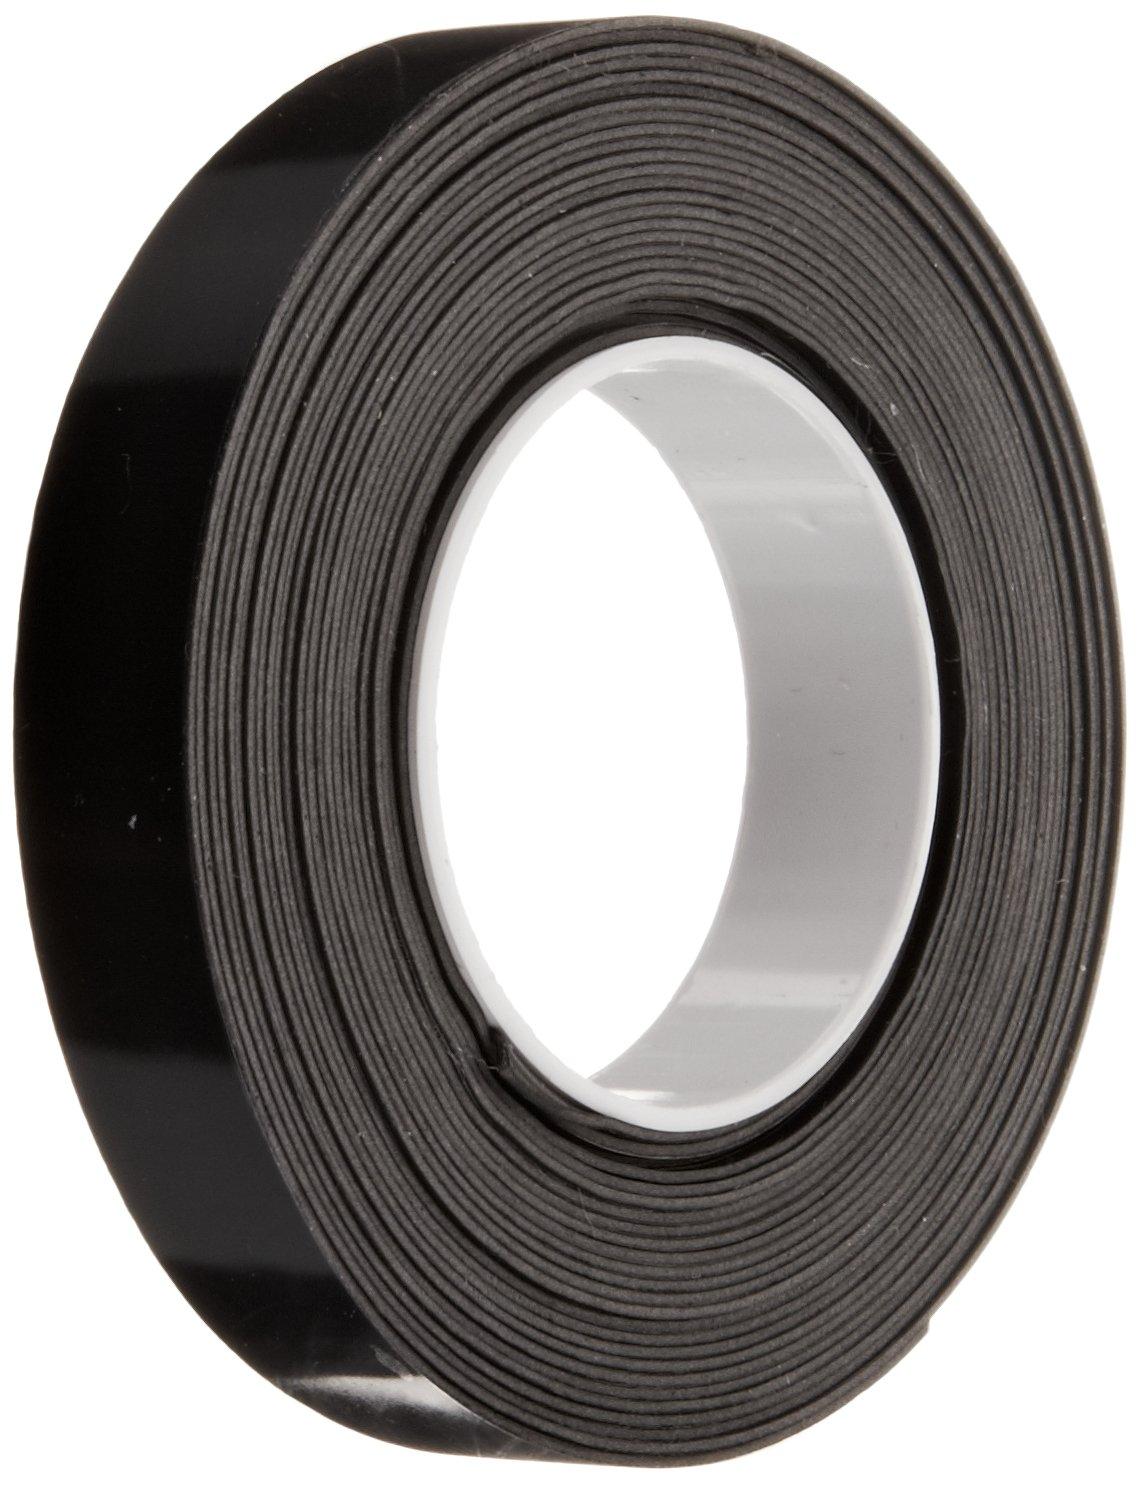 3M VHB Tape 4929, 0.5 in Width x 5 yd Length (1 Roll)